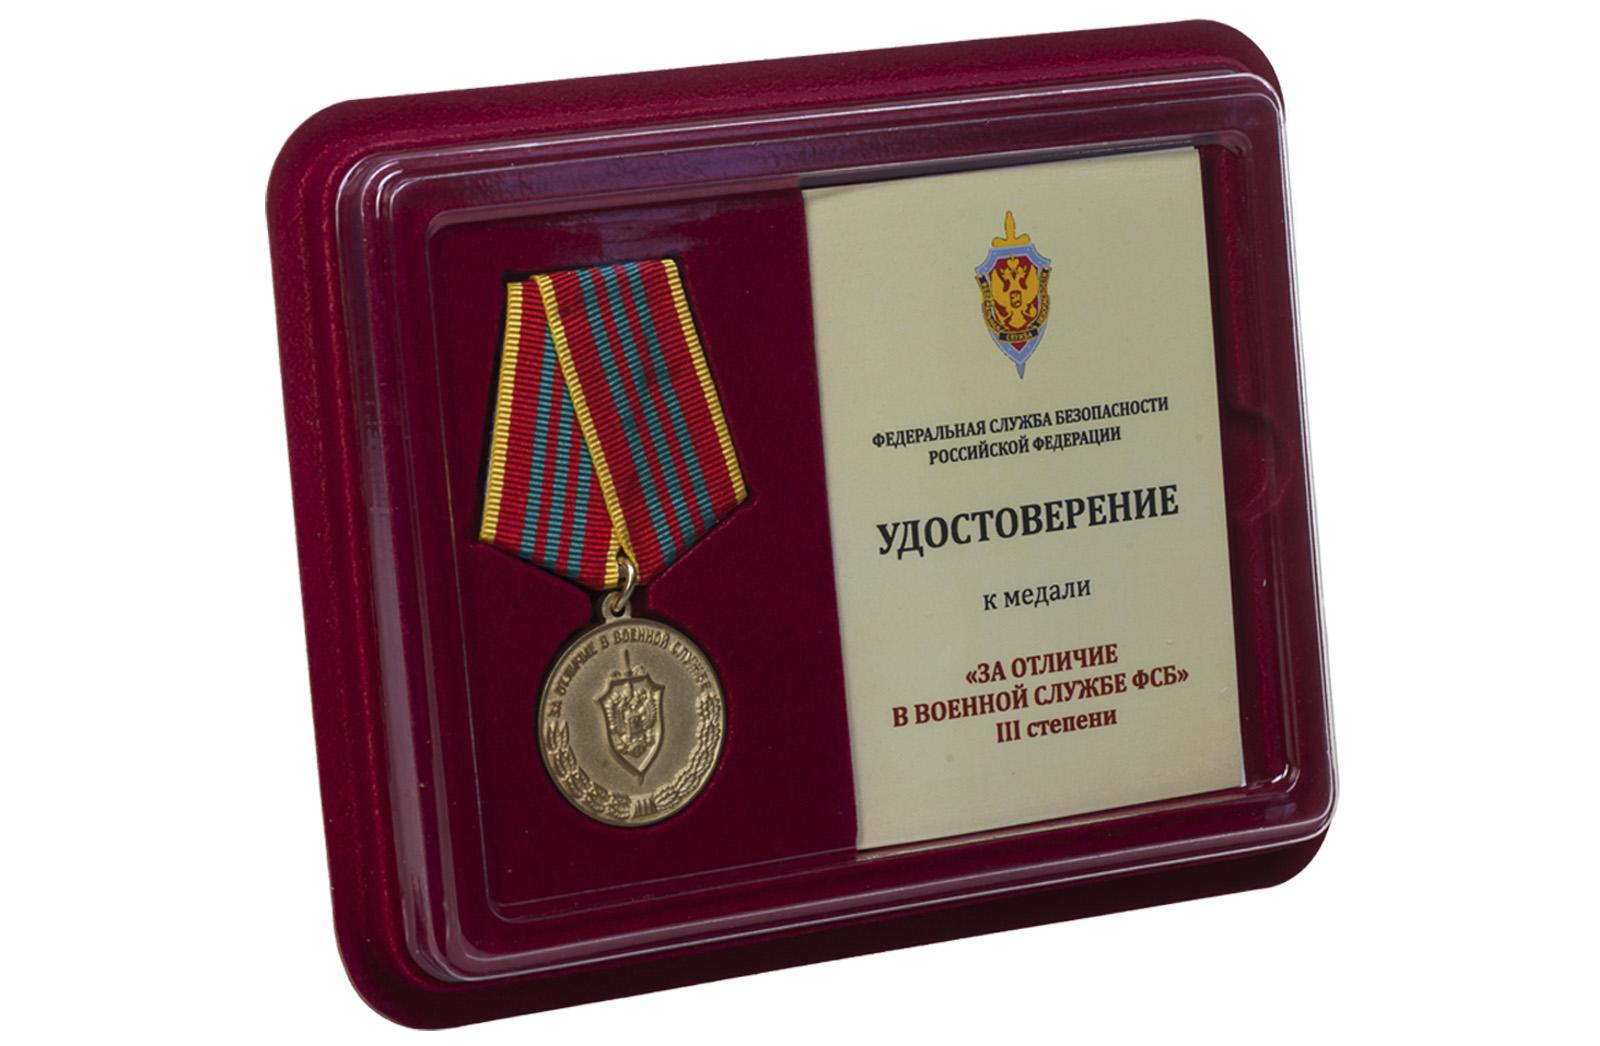 Купить медаль ФСБ РФ За отличие в военной службе III степени с доставкой в ваш город